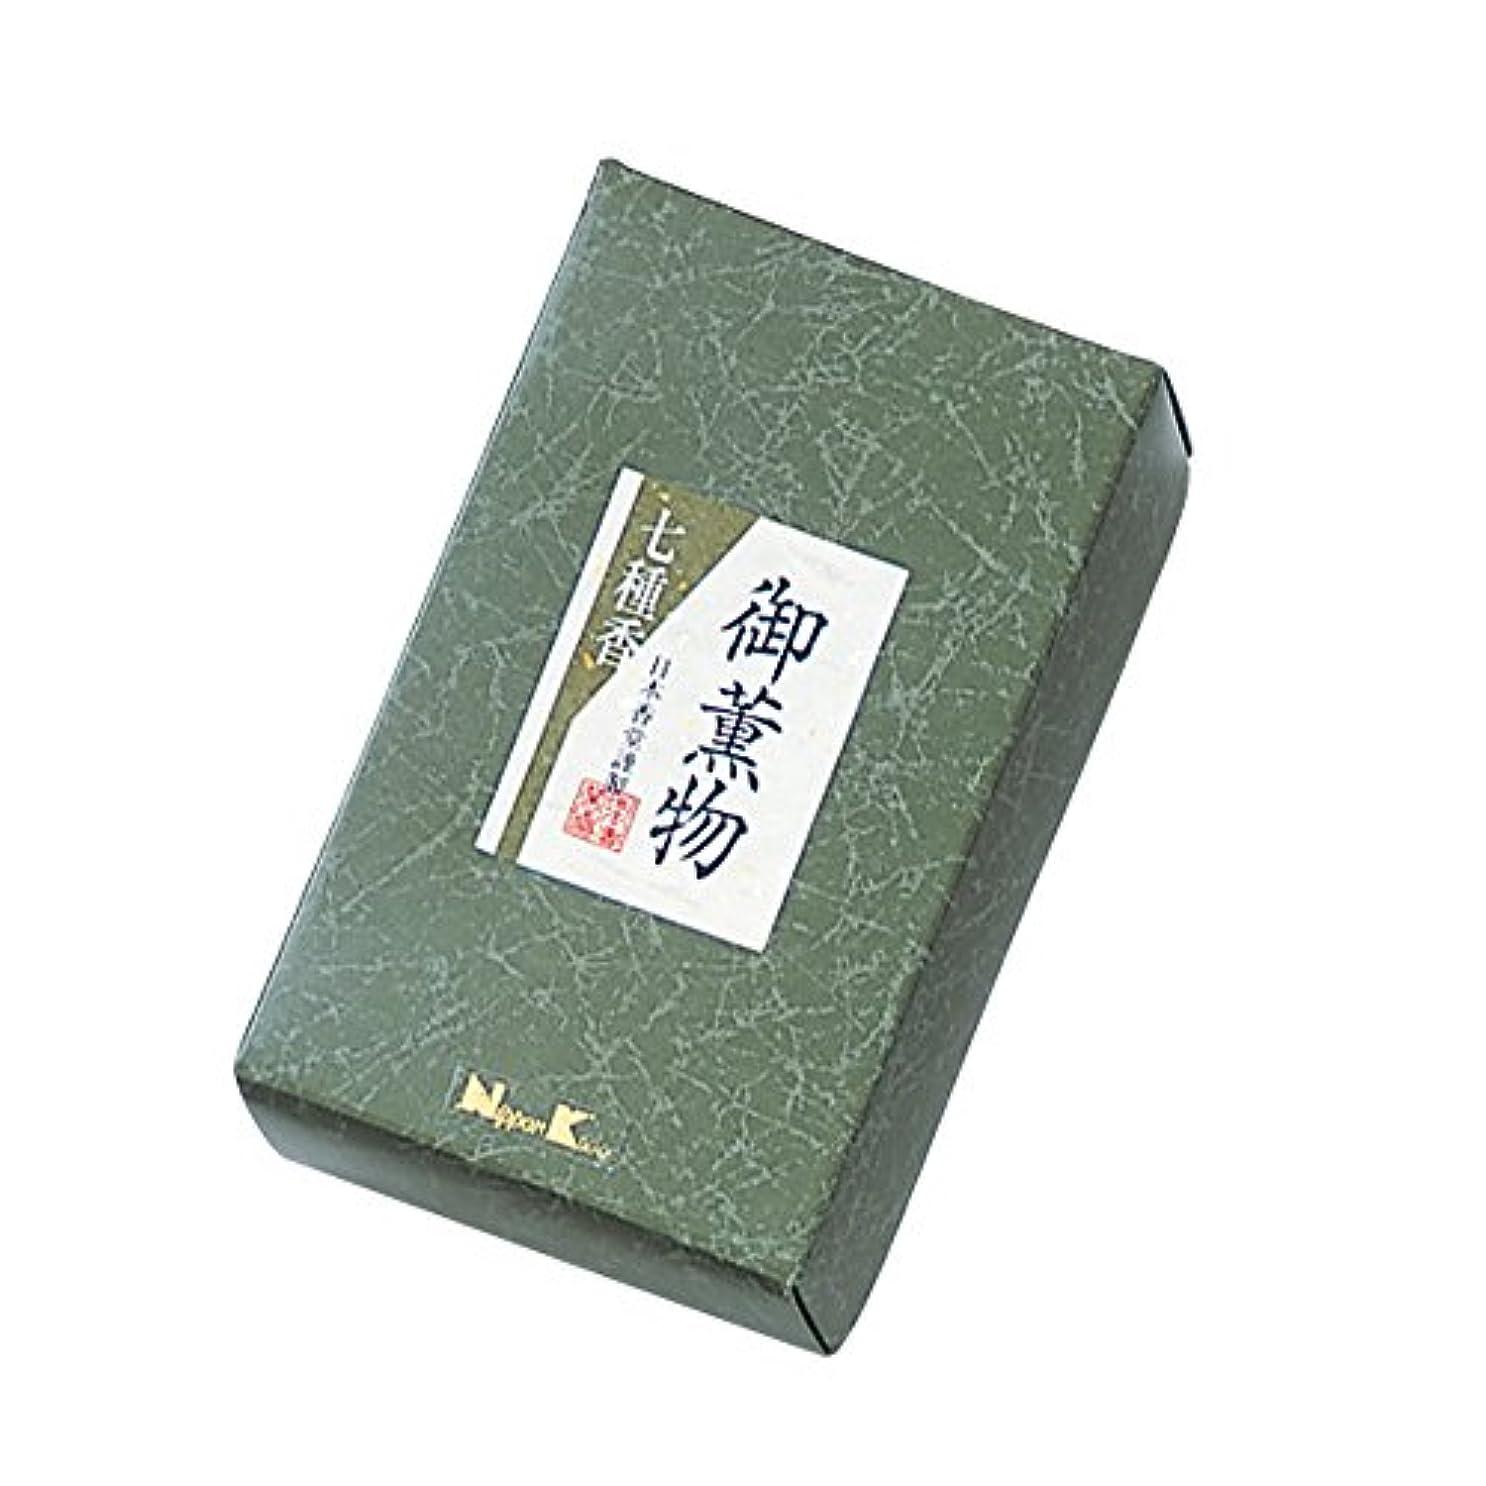 けがをする聖域用量御薫物七種香 125g